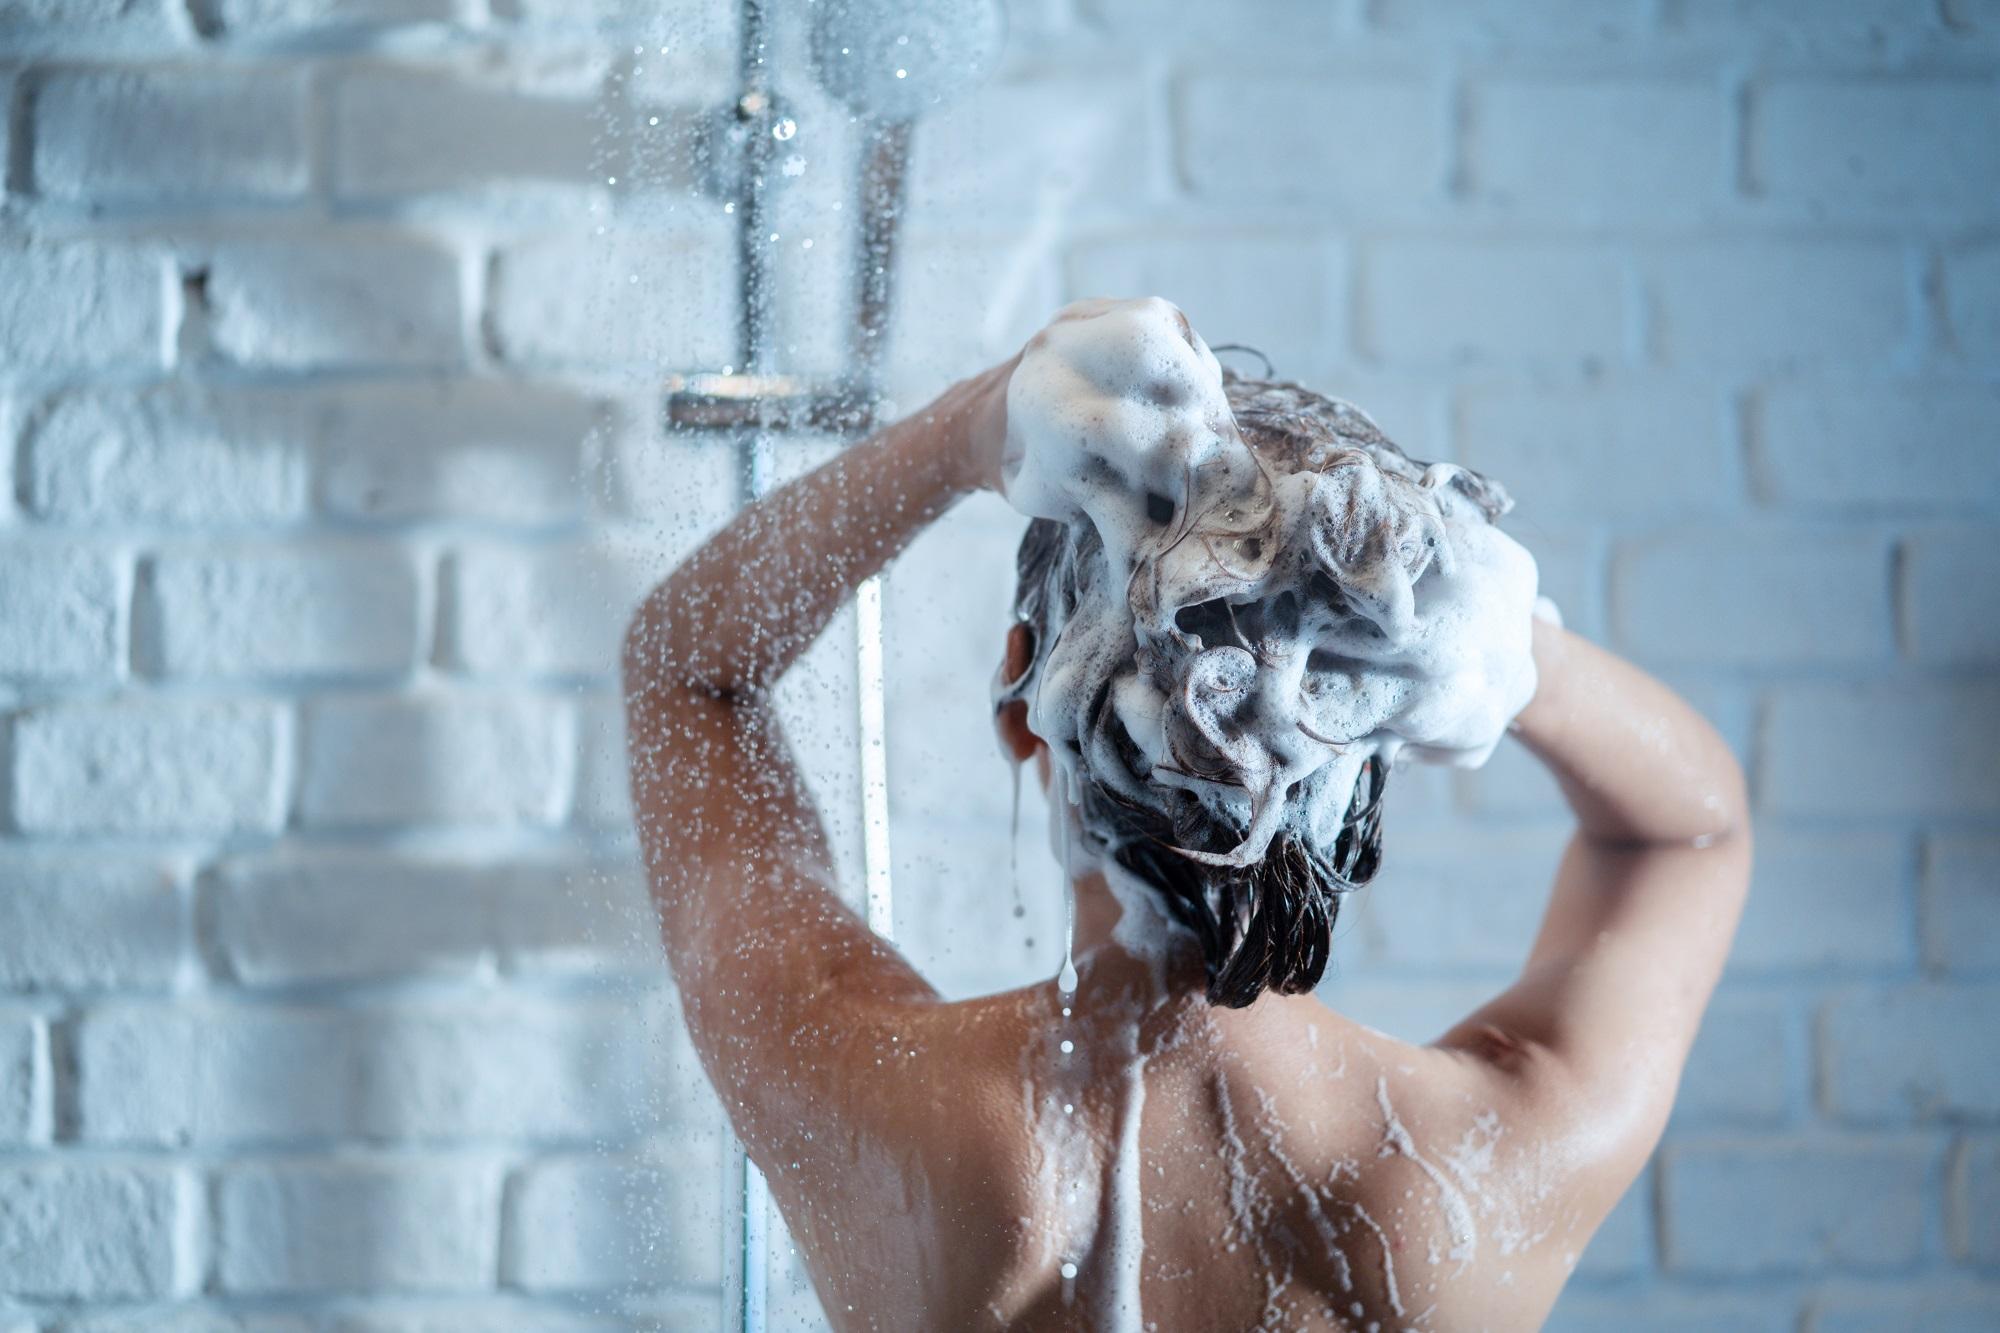 Guida all'acquisto della colonna doccia ideale per il tuo benessere!